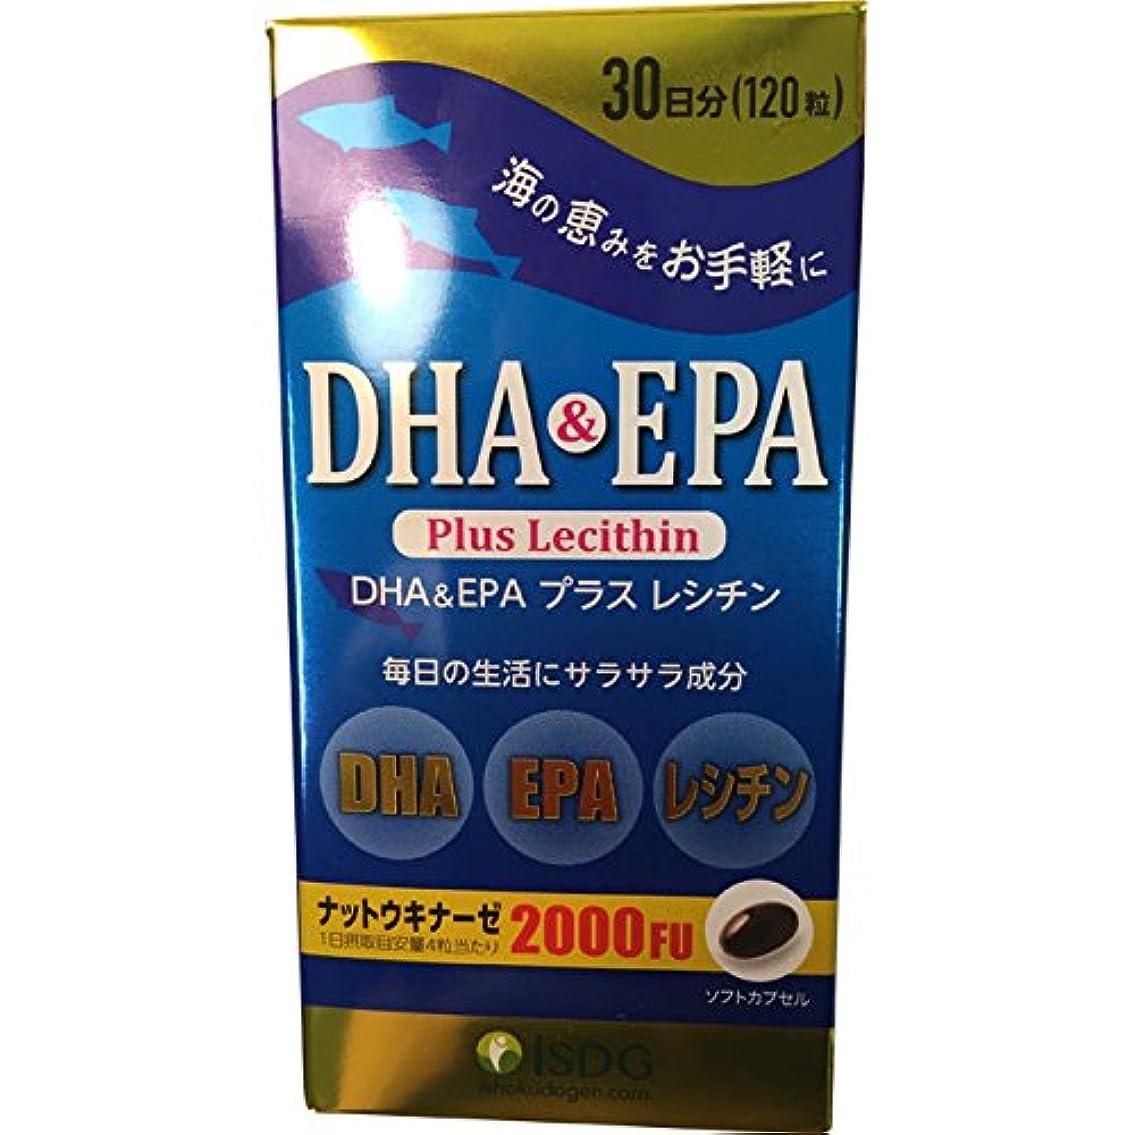 宗教的な加入煩わしいウェルパーク DHA&EPA Plus 64.8g(540mg×120粒)